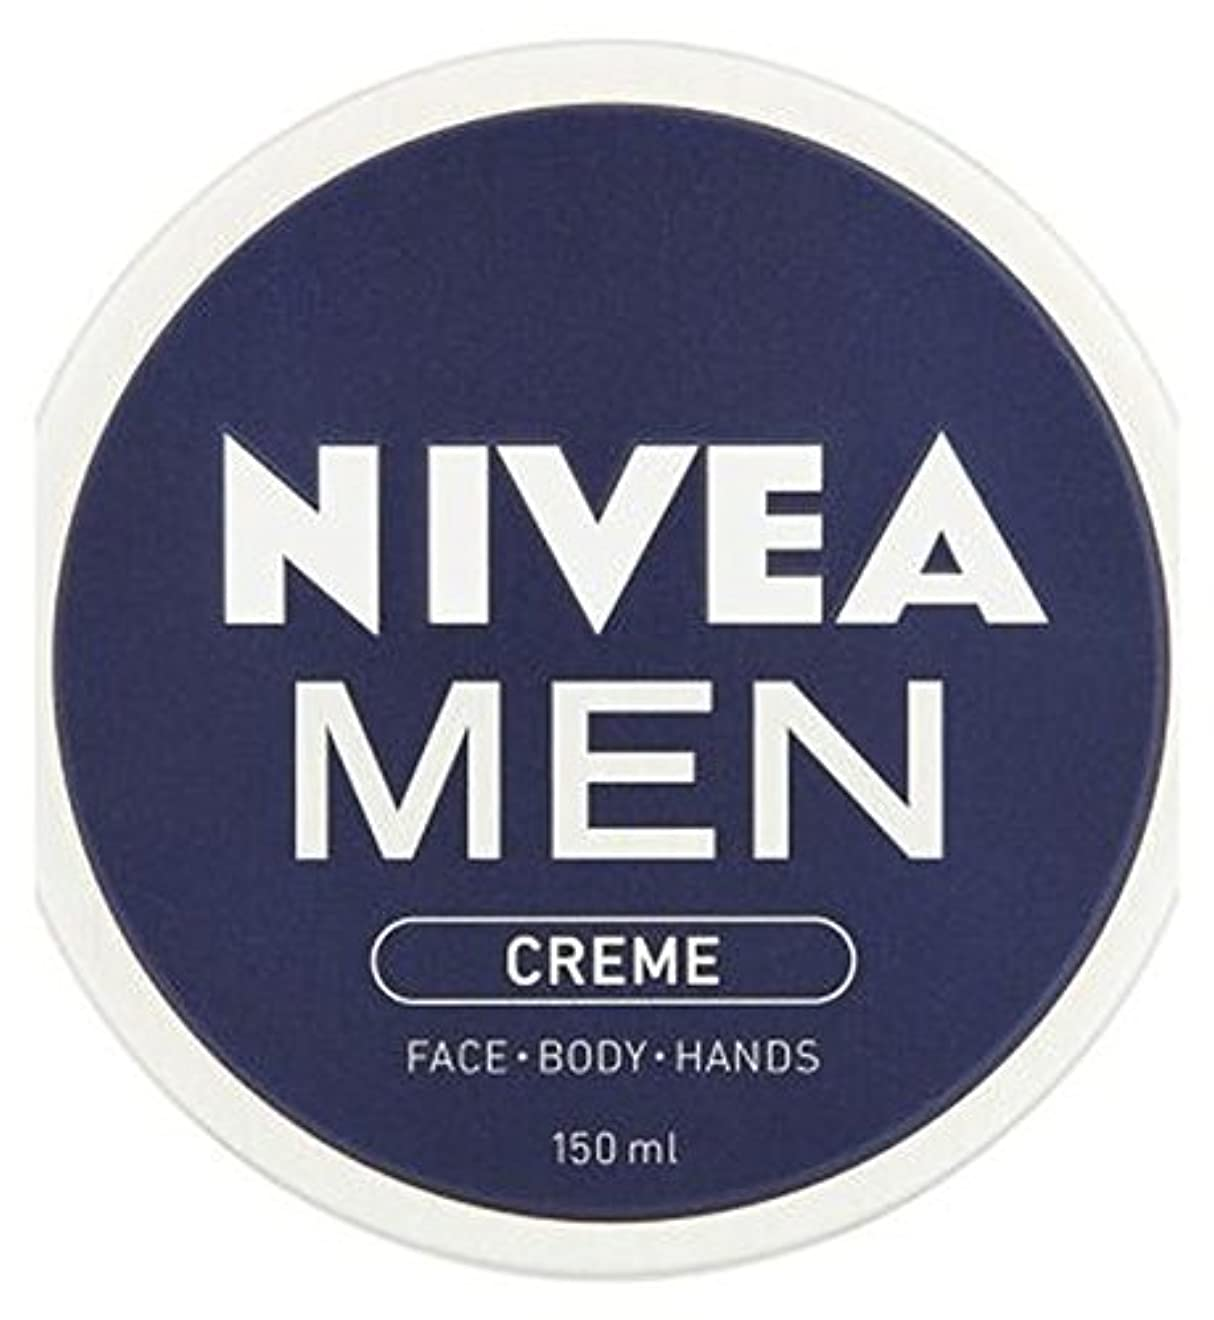 感心するブリード最もNIVEA MEN Creme 150ml - ニベアの男性が150ミリリットルクリーム (Nivea) [並行輸入品]